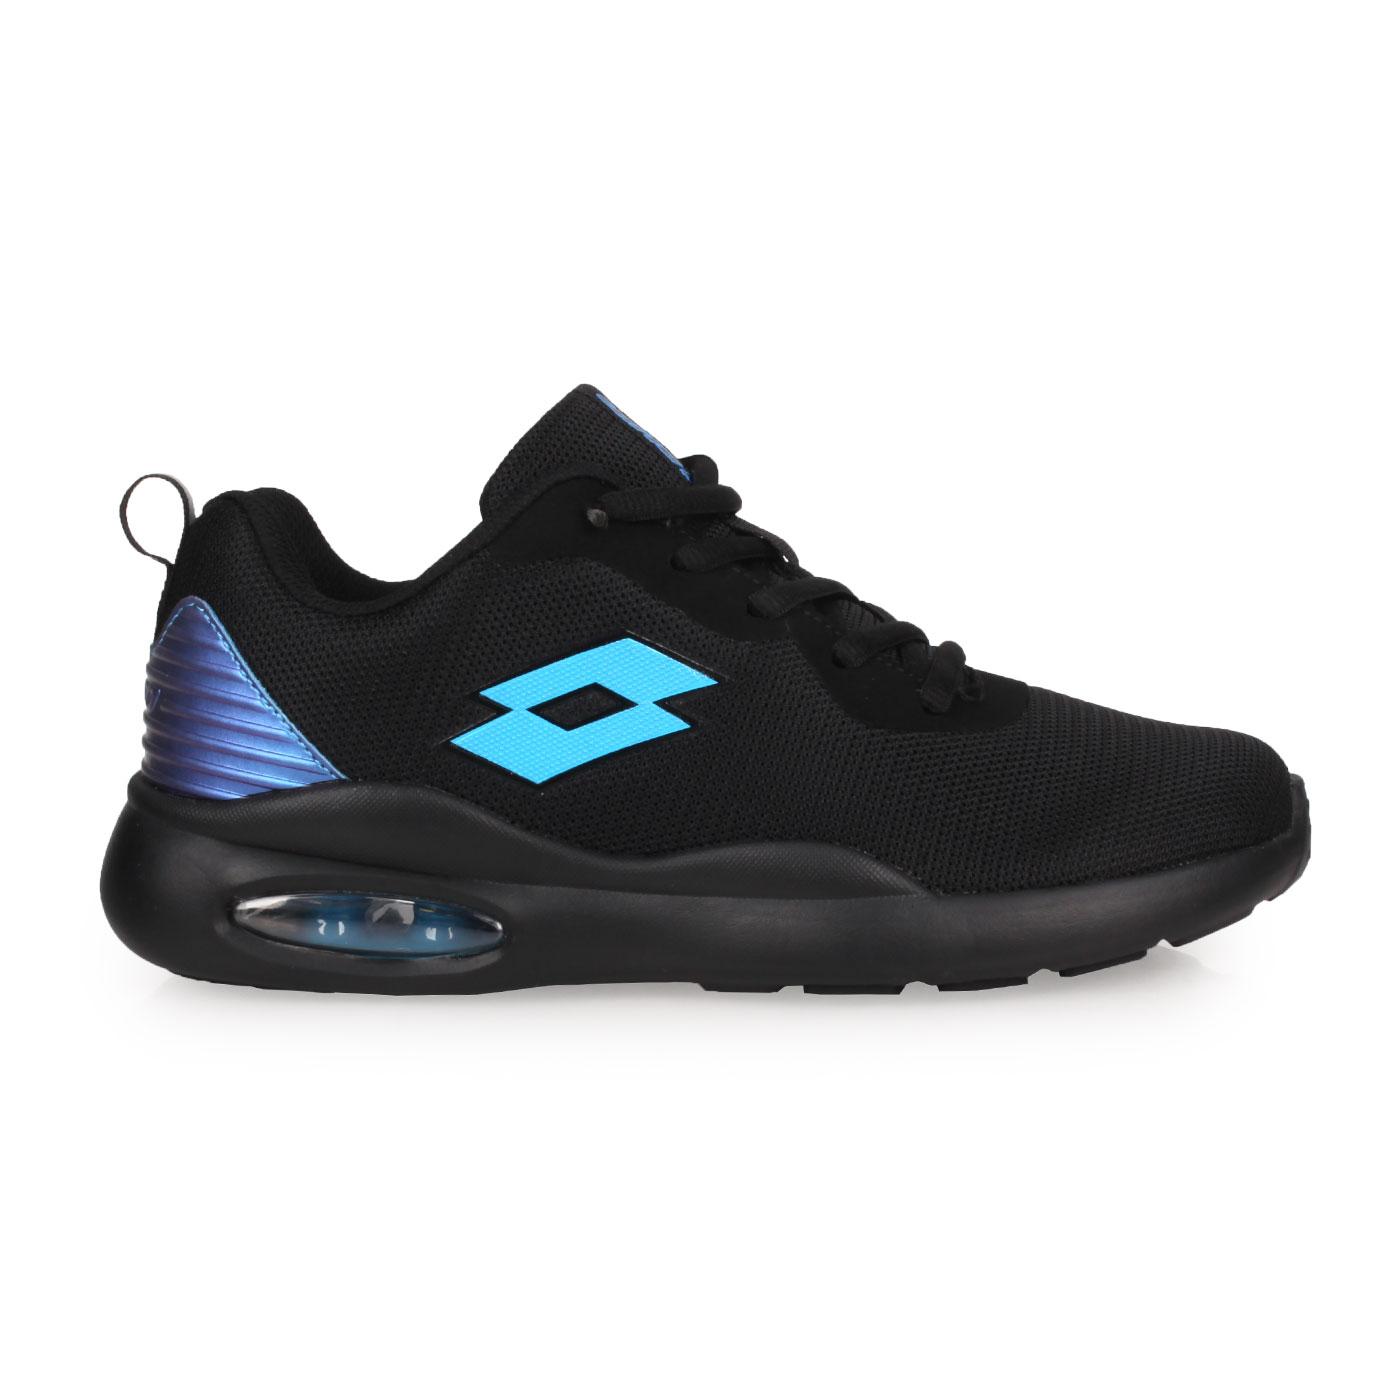 LOTTO 大童輕氣墊跑鞋 LT0AKR2120 - 黑藍